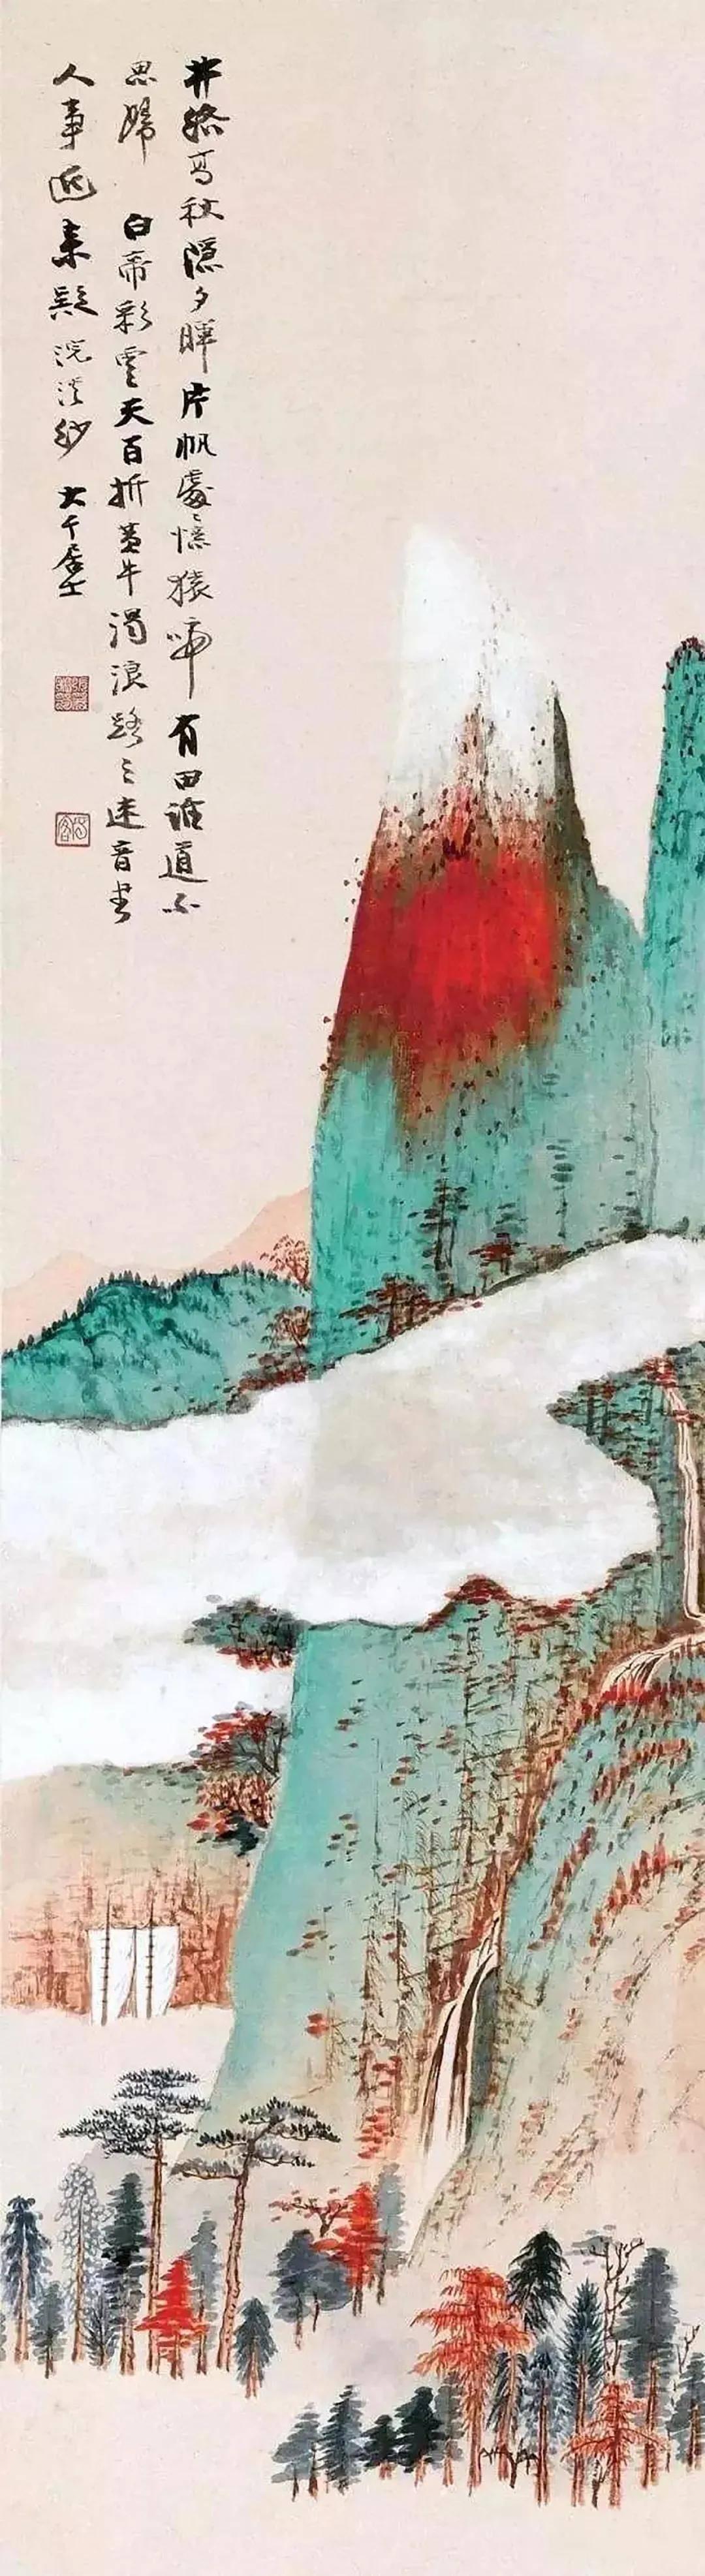 【艺术长廊】袁振西荐:张大千绝美秋色,胜似人间天堂